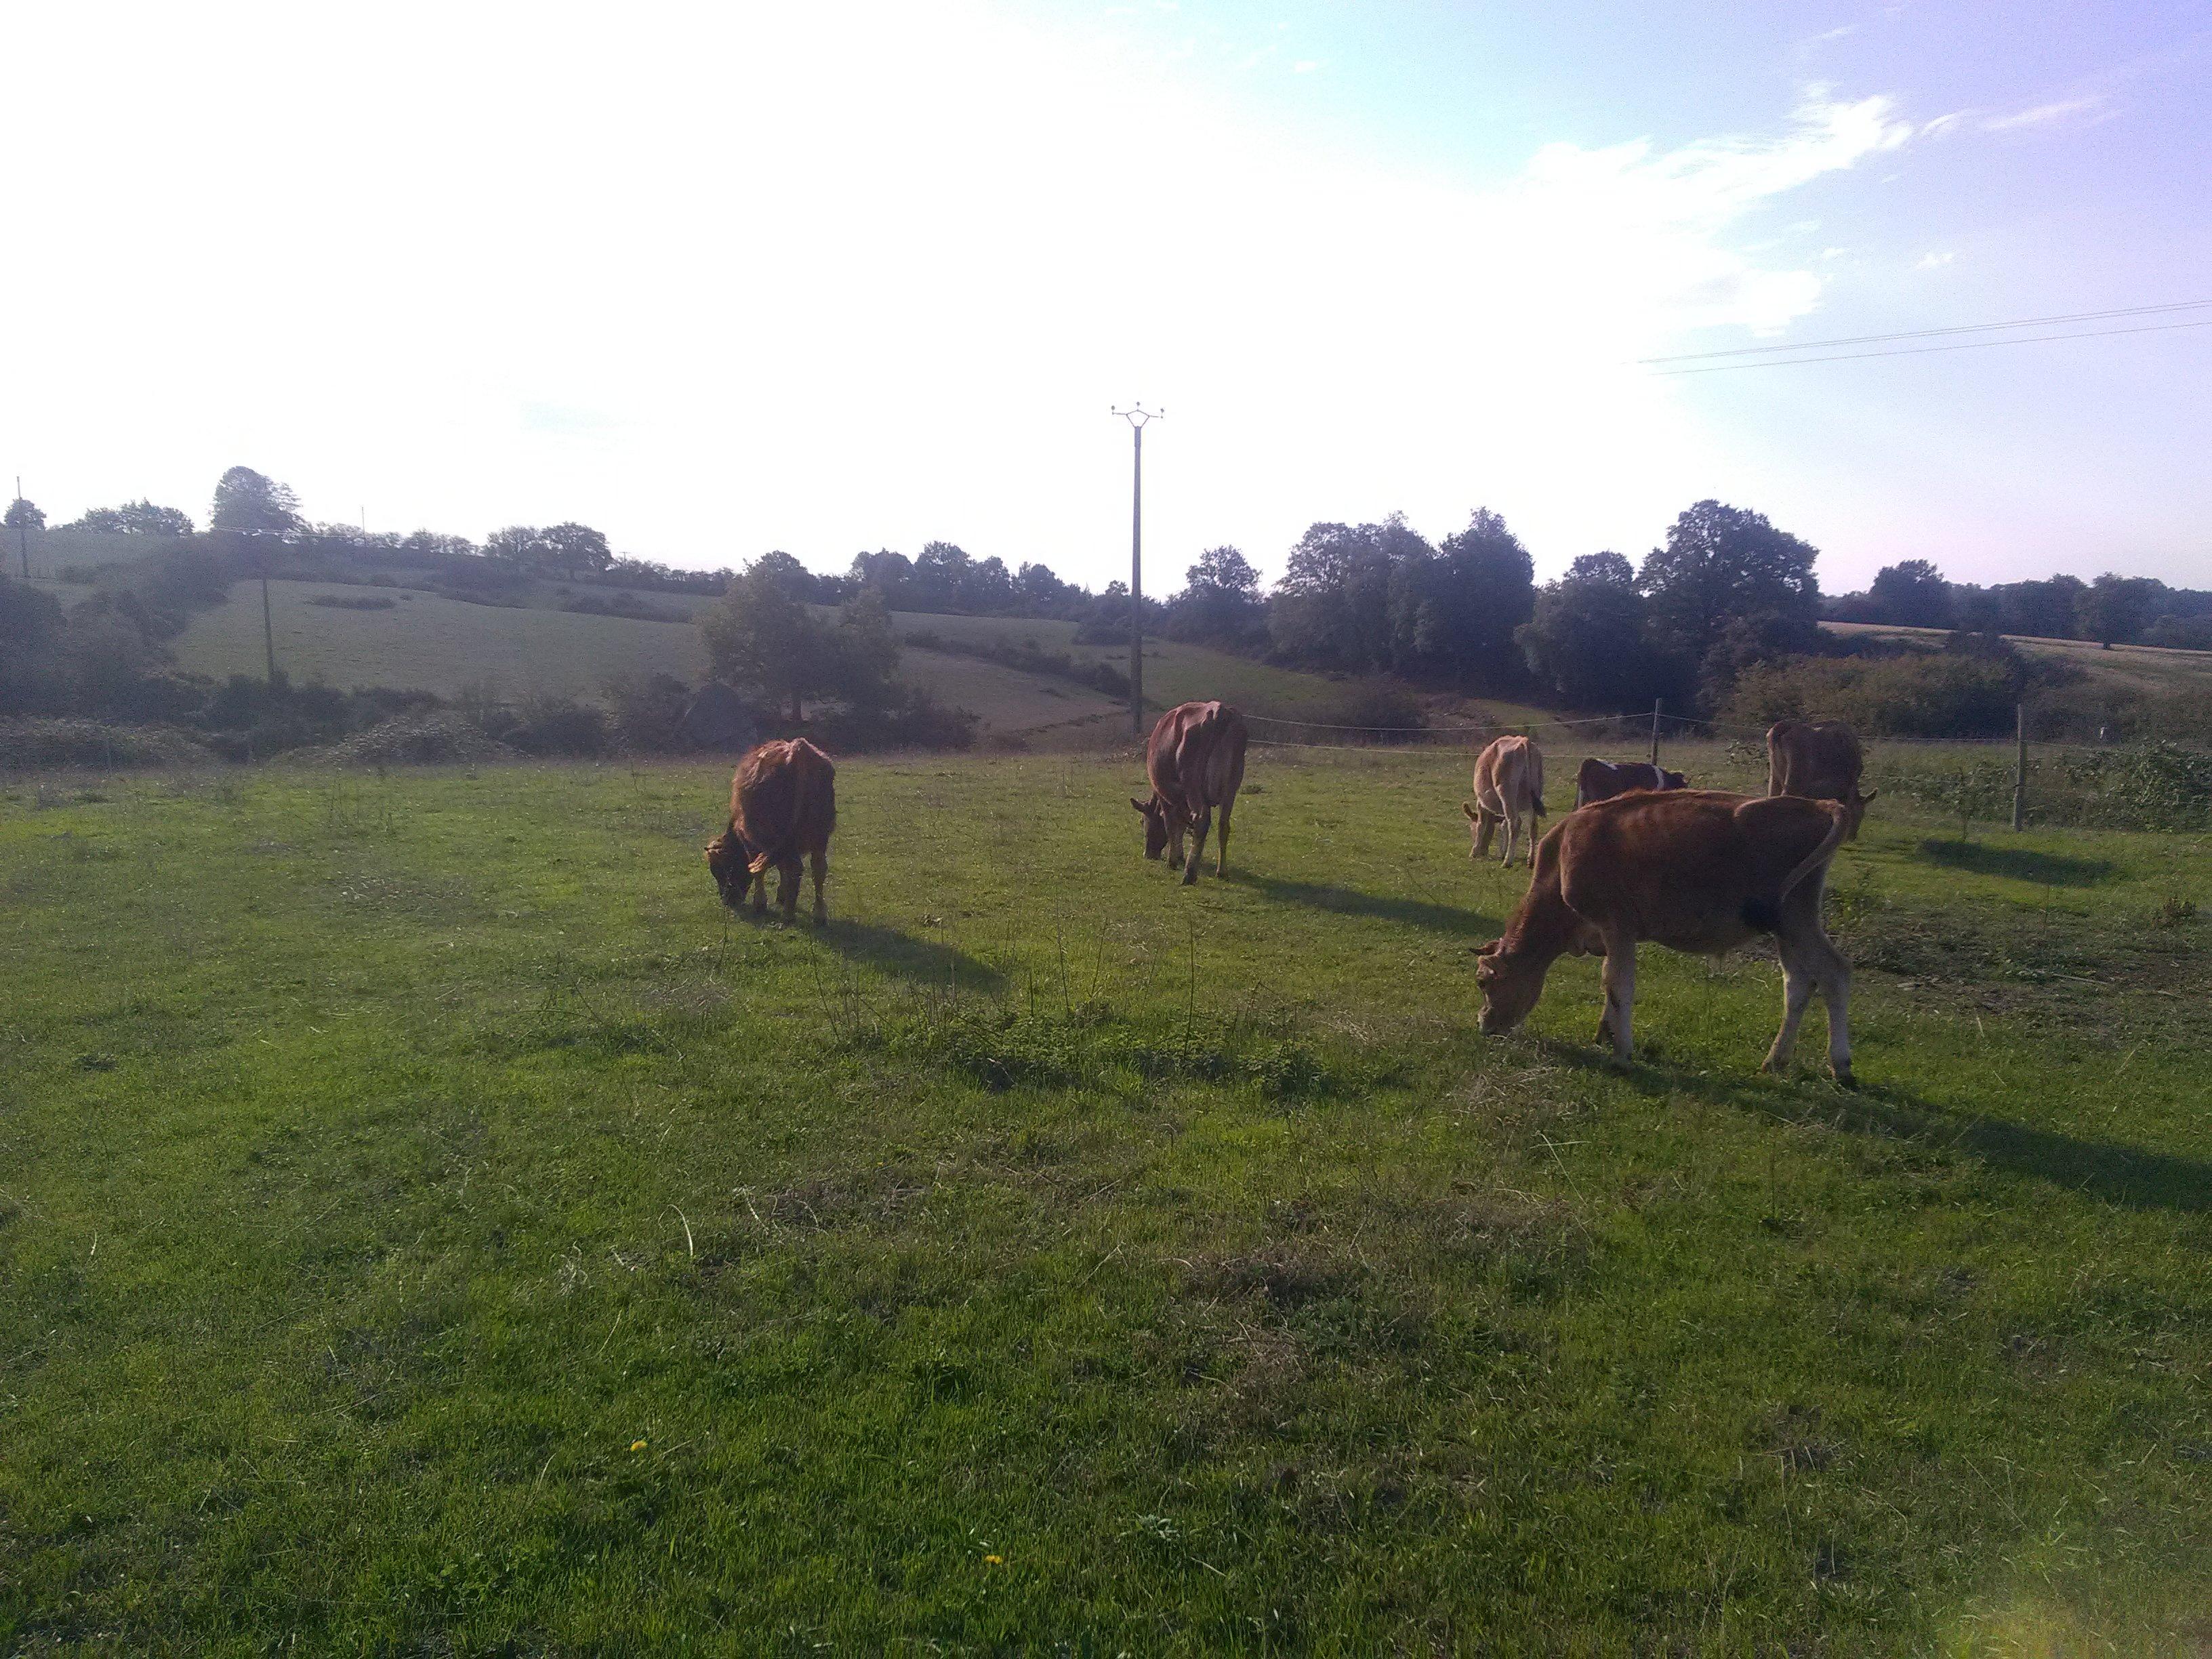 Vache, broutard, veau en pâturage